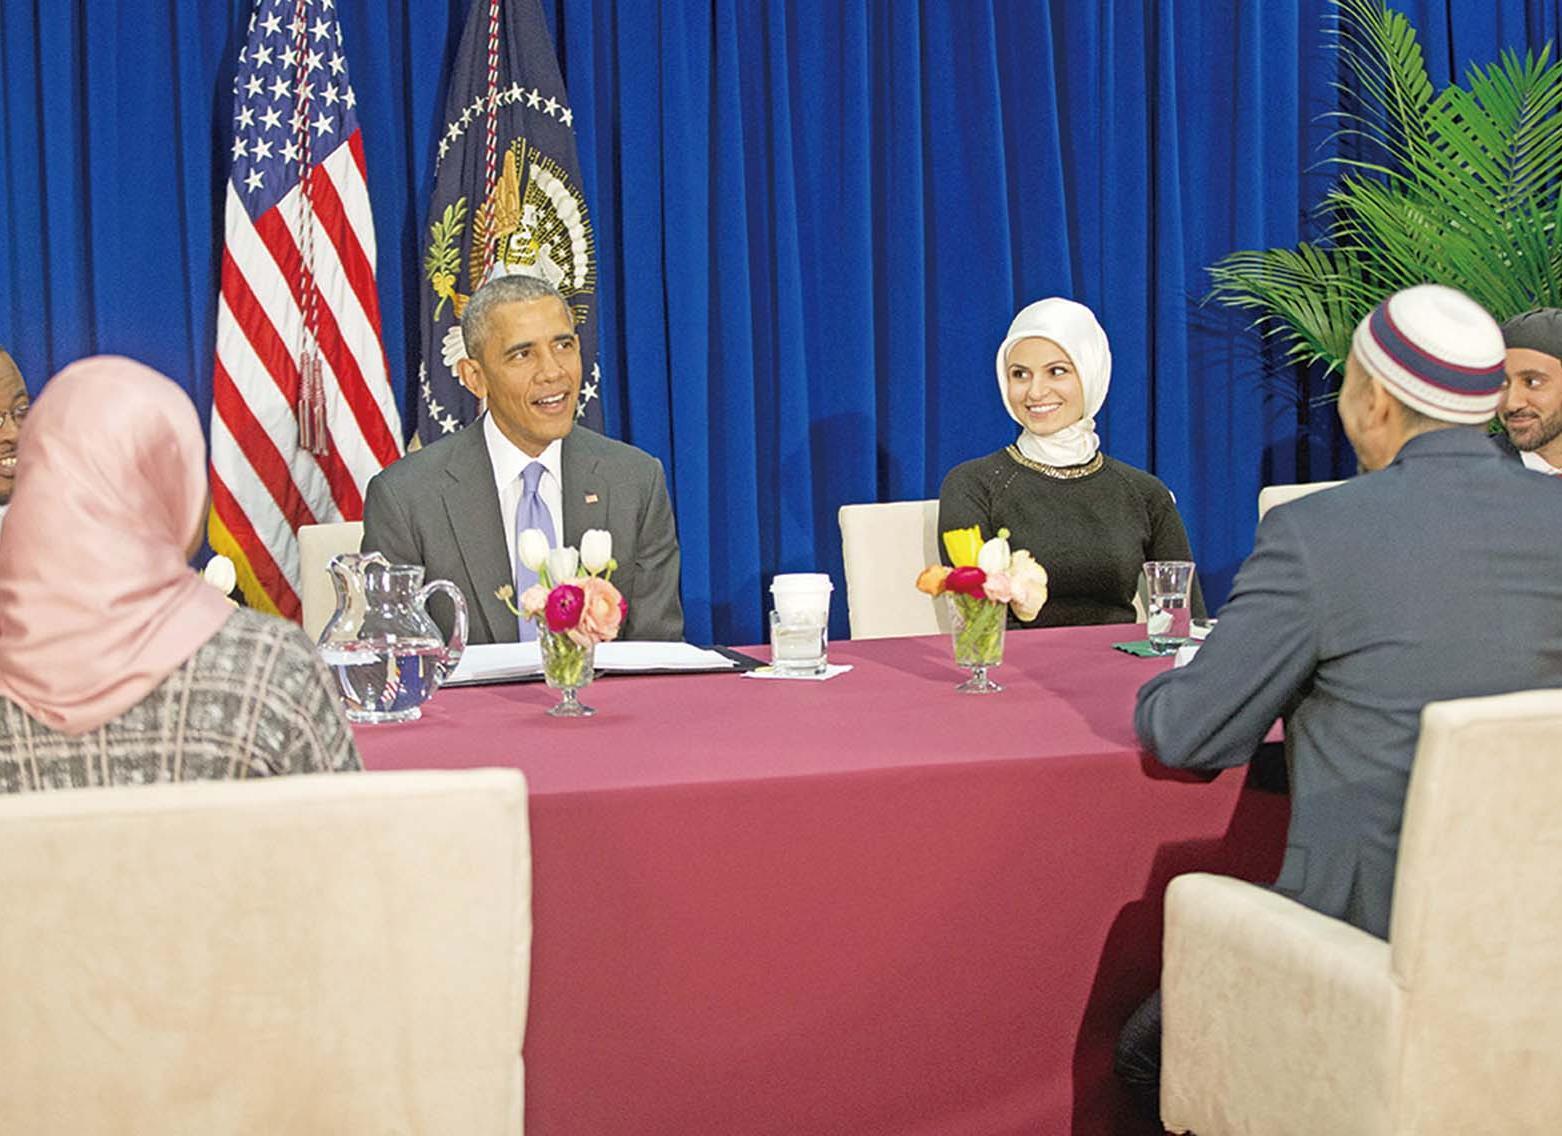 譴責仇恨穆斯林言論